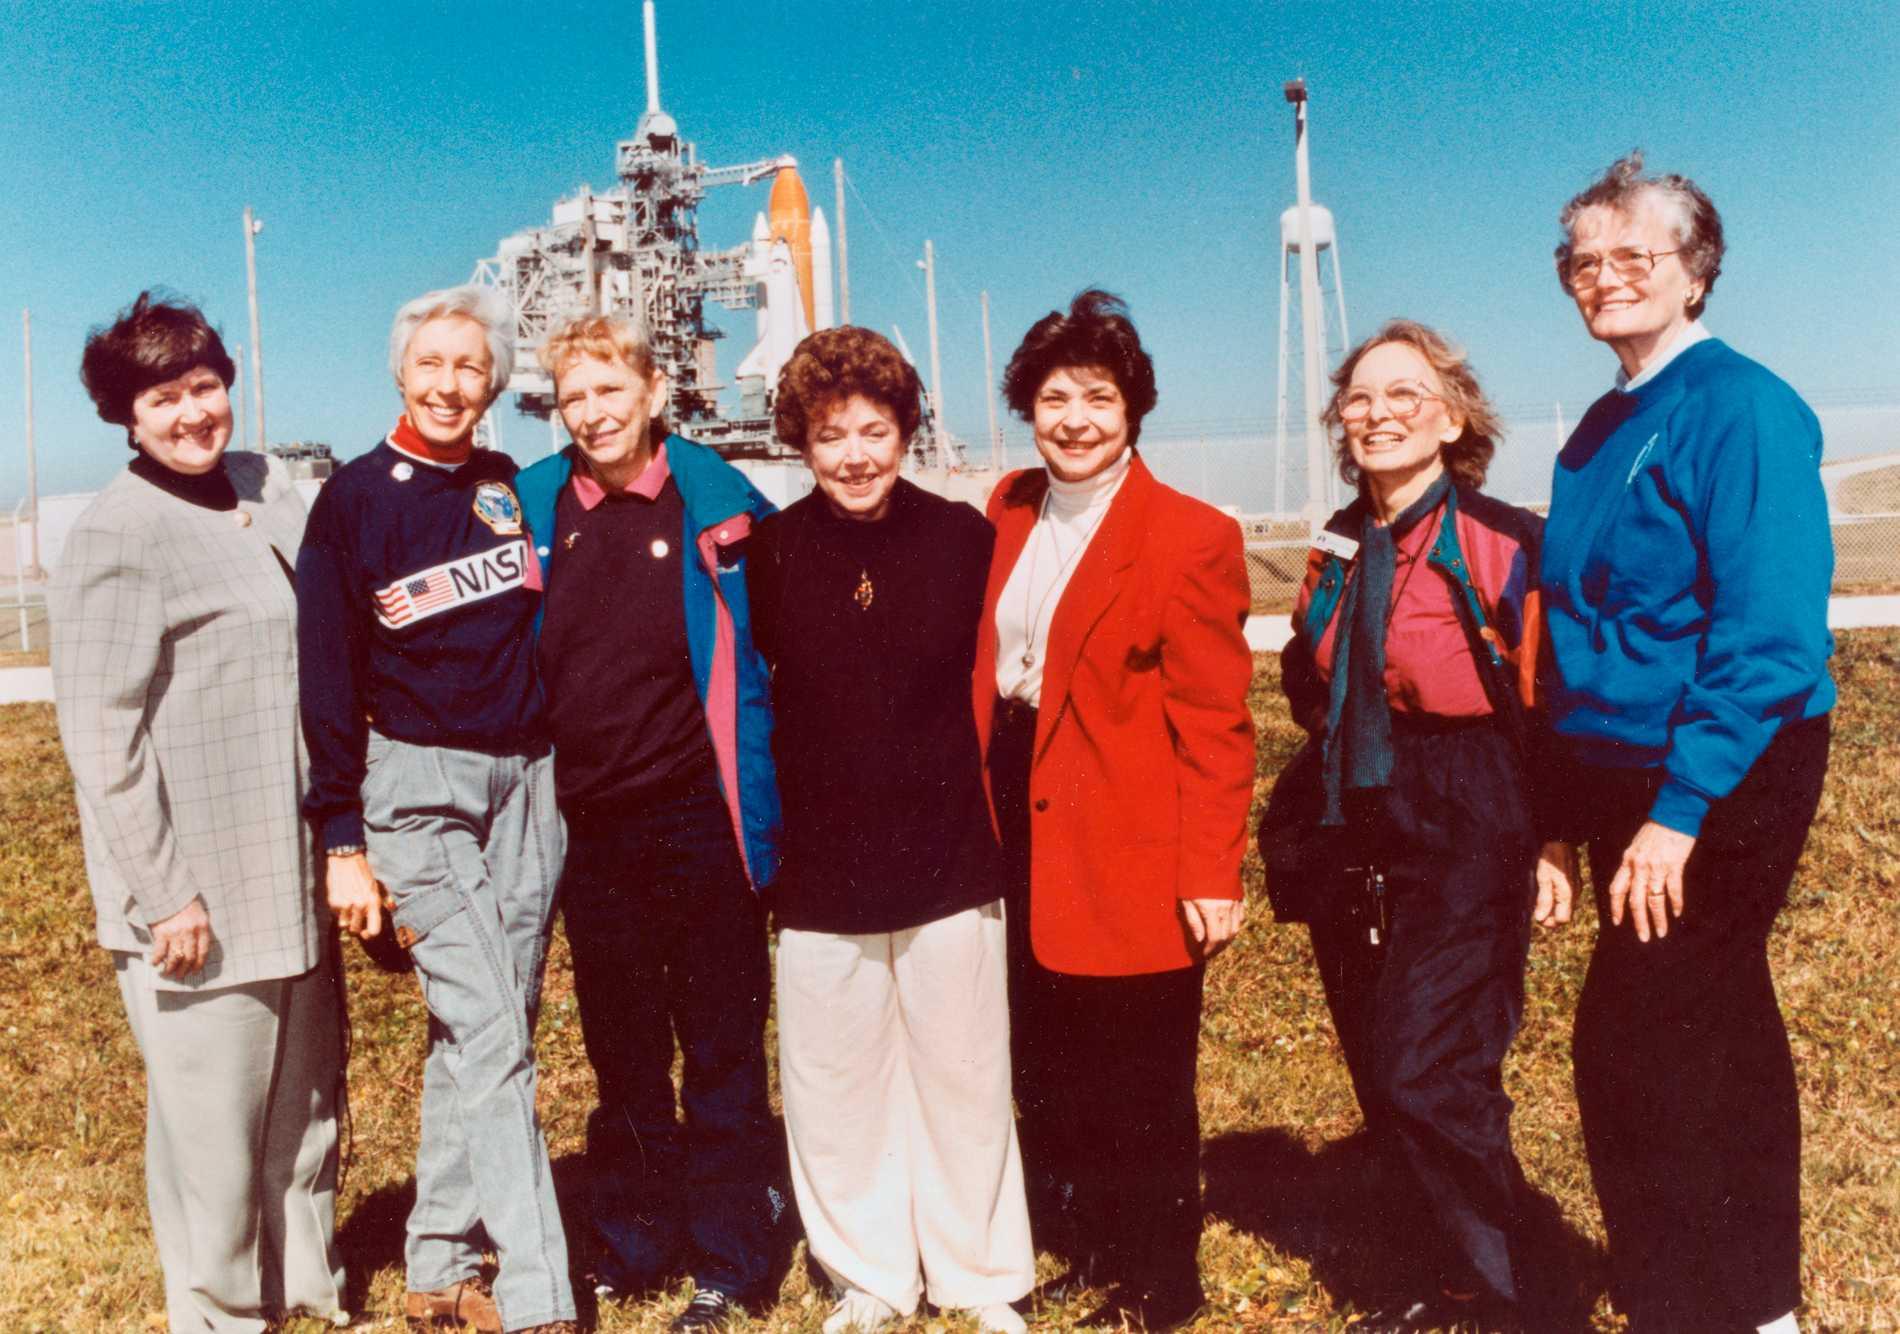 Kvinnorna från Mercury 13 programmet vid en återträff inför en raketuppskjutning 1995. Trots att de var tränade astronauter fick de aldrig resa till rymden.